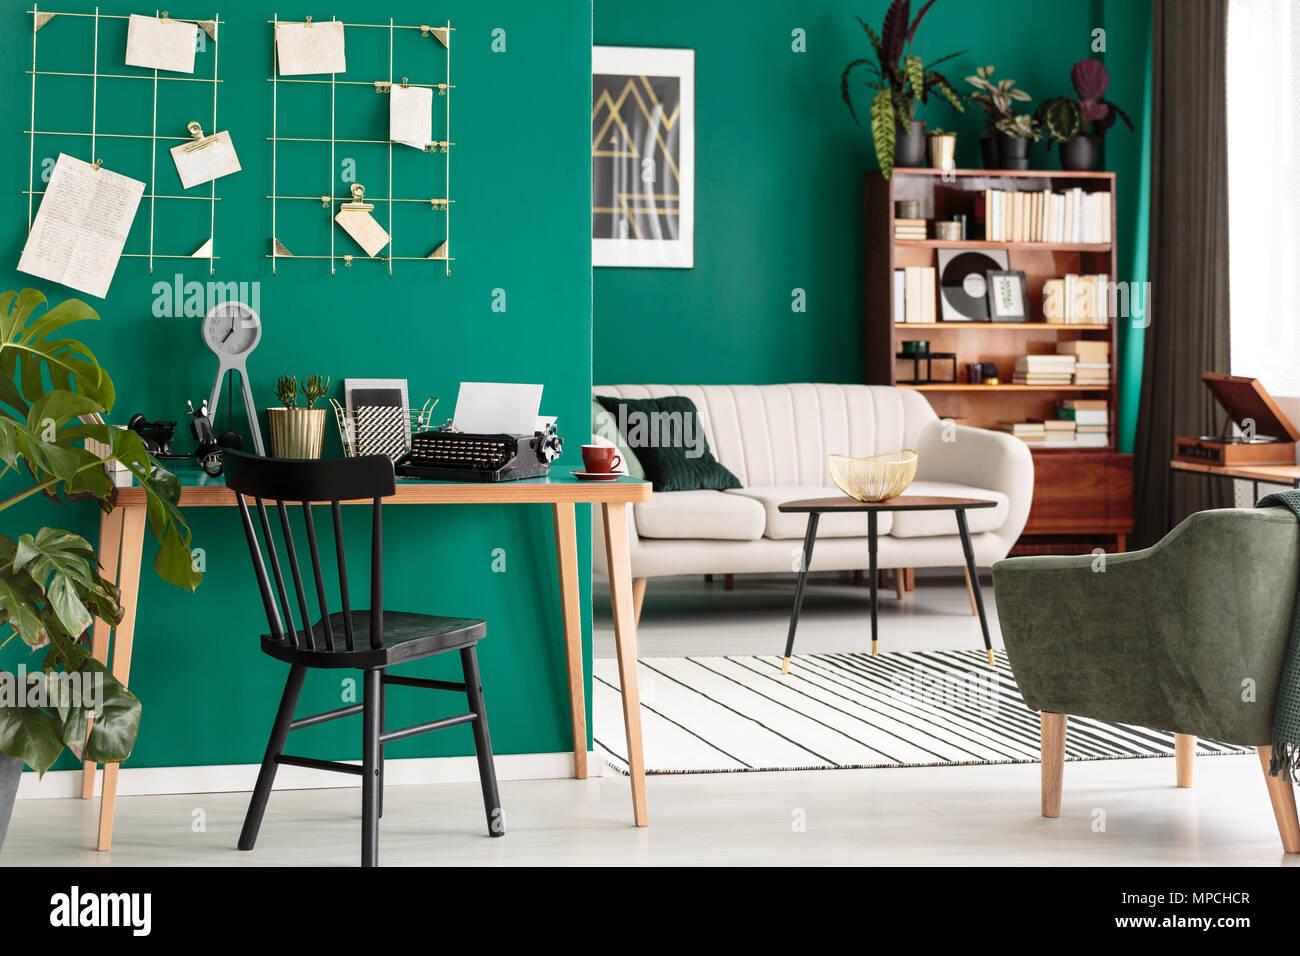 Président d'un bureau en bois noir au vert à l'intérieur de l'espace ouvert avec fauteuil et table Photo Stock